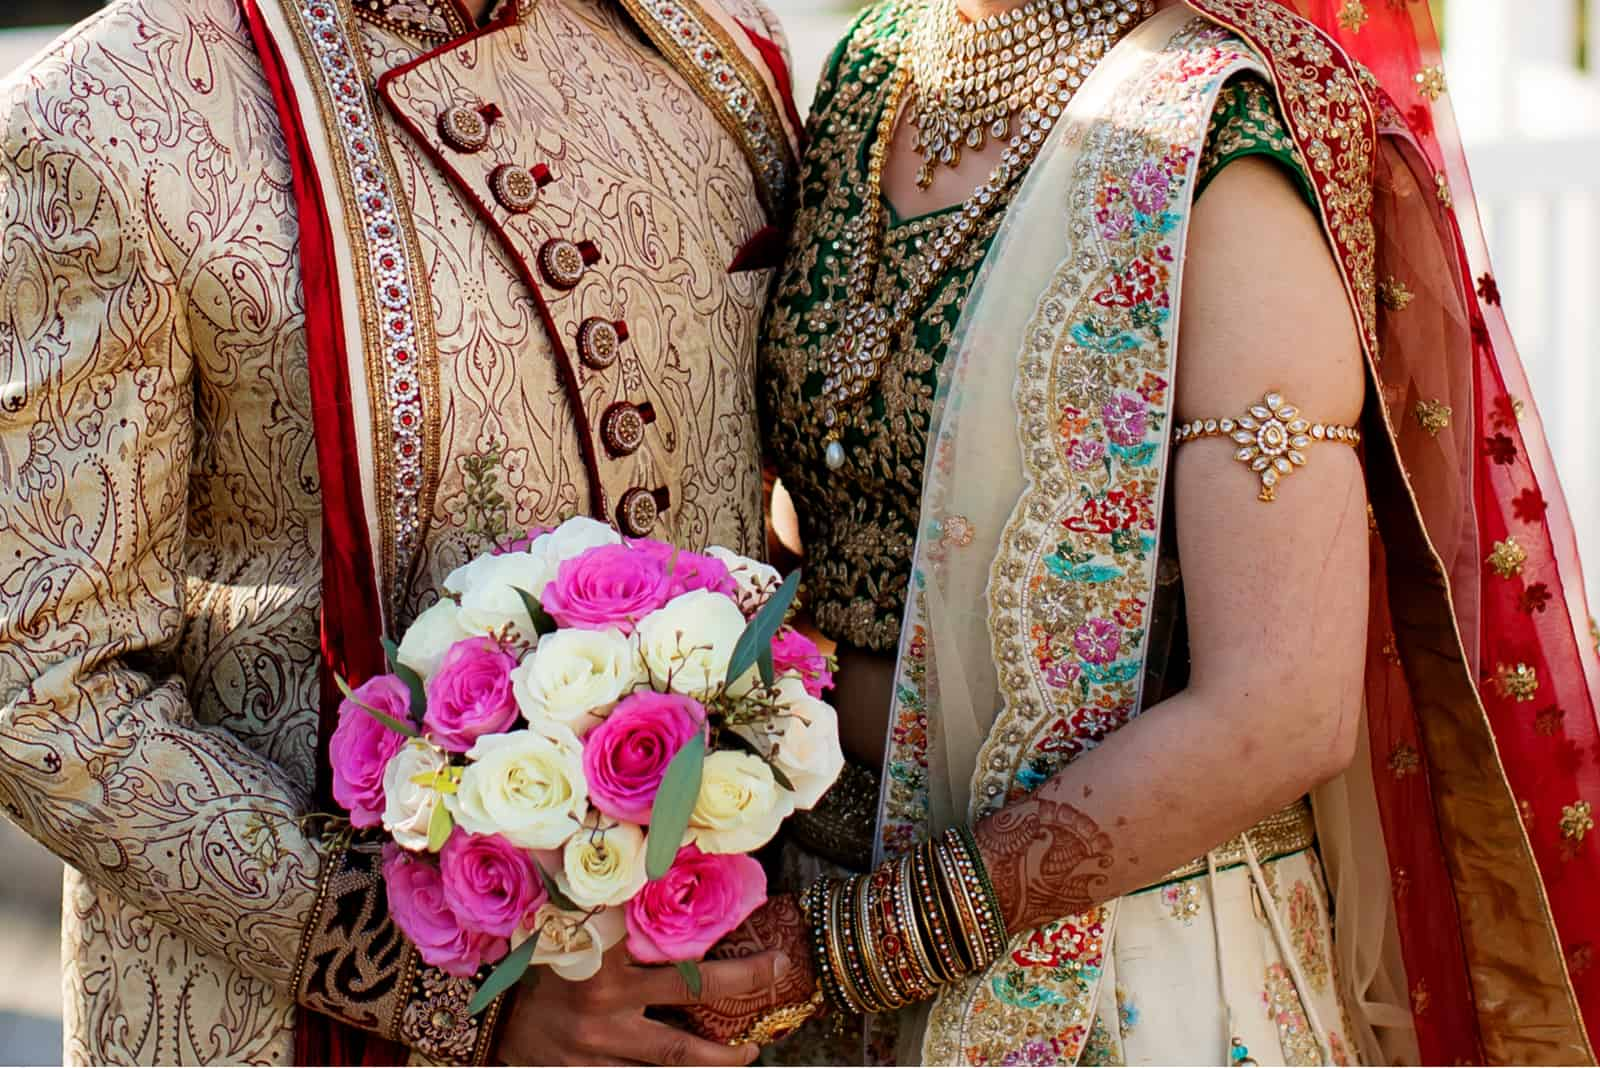 Romantisches indisches Paar, das Hochzeitsbouqet hält und Hochzeitstag aufwirft